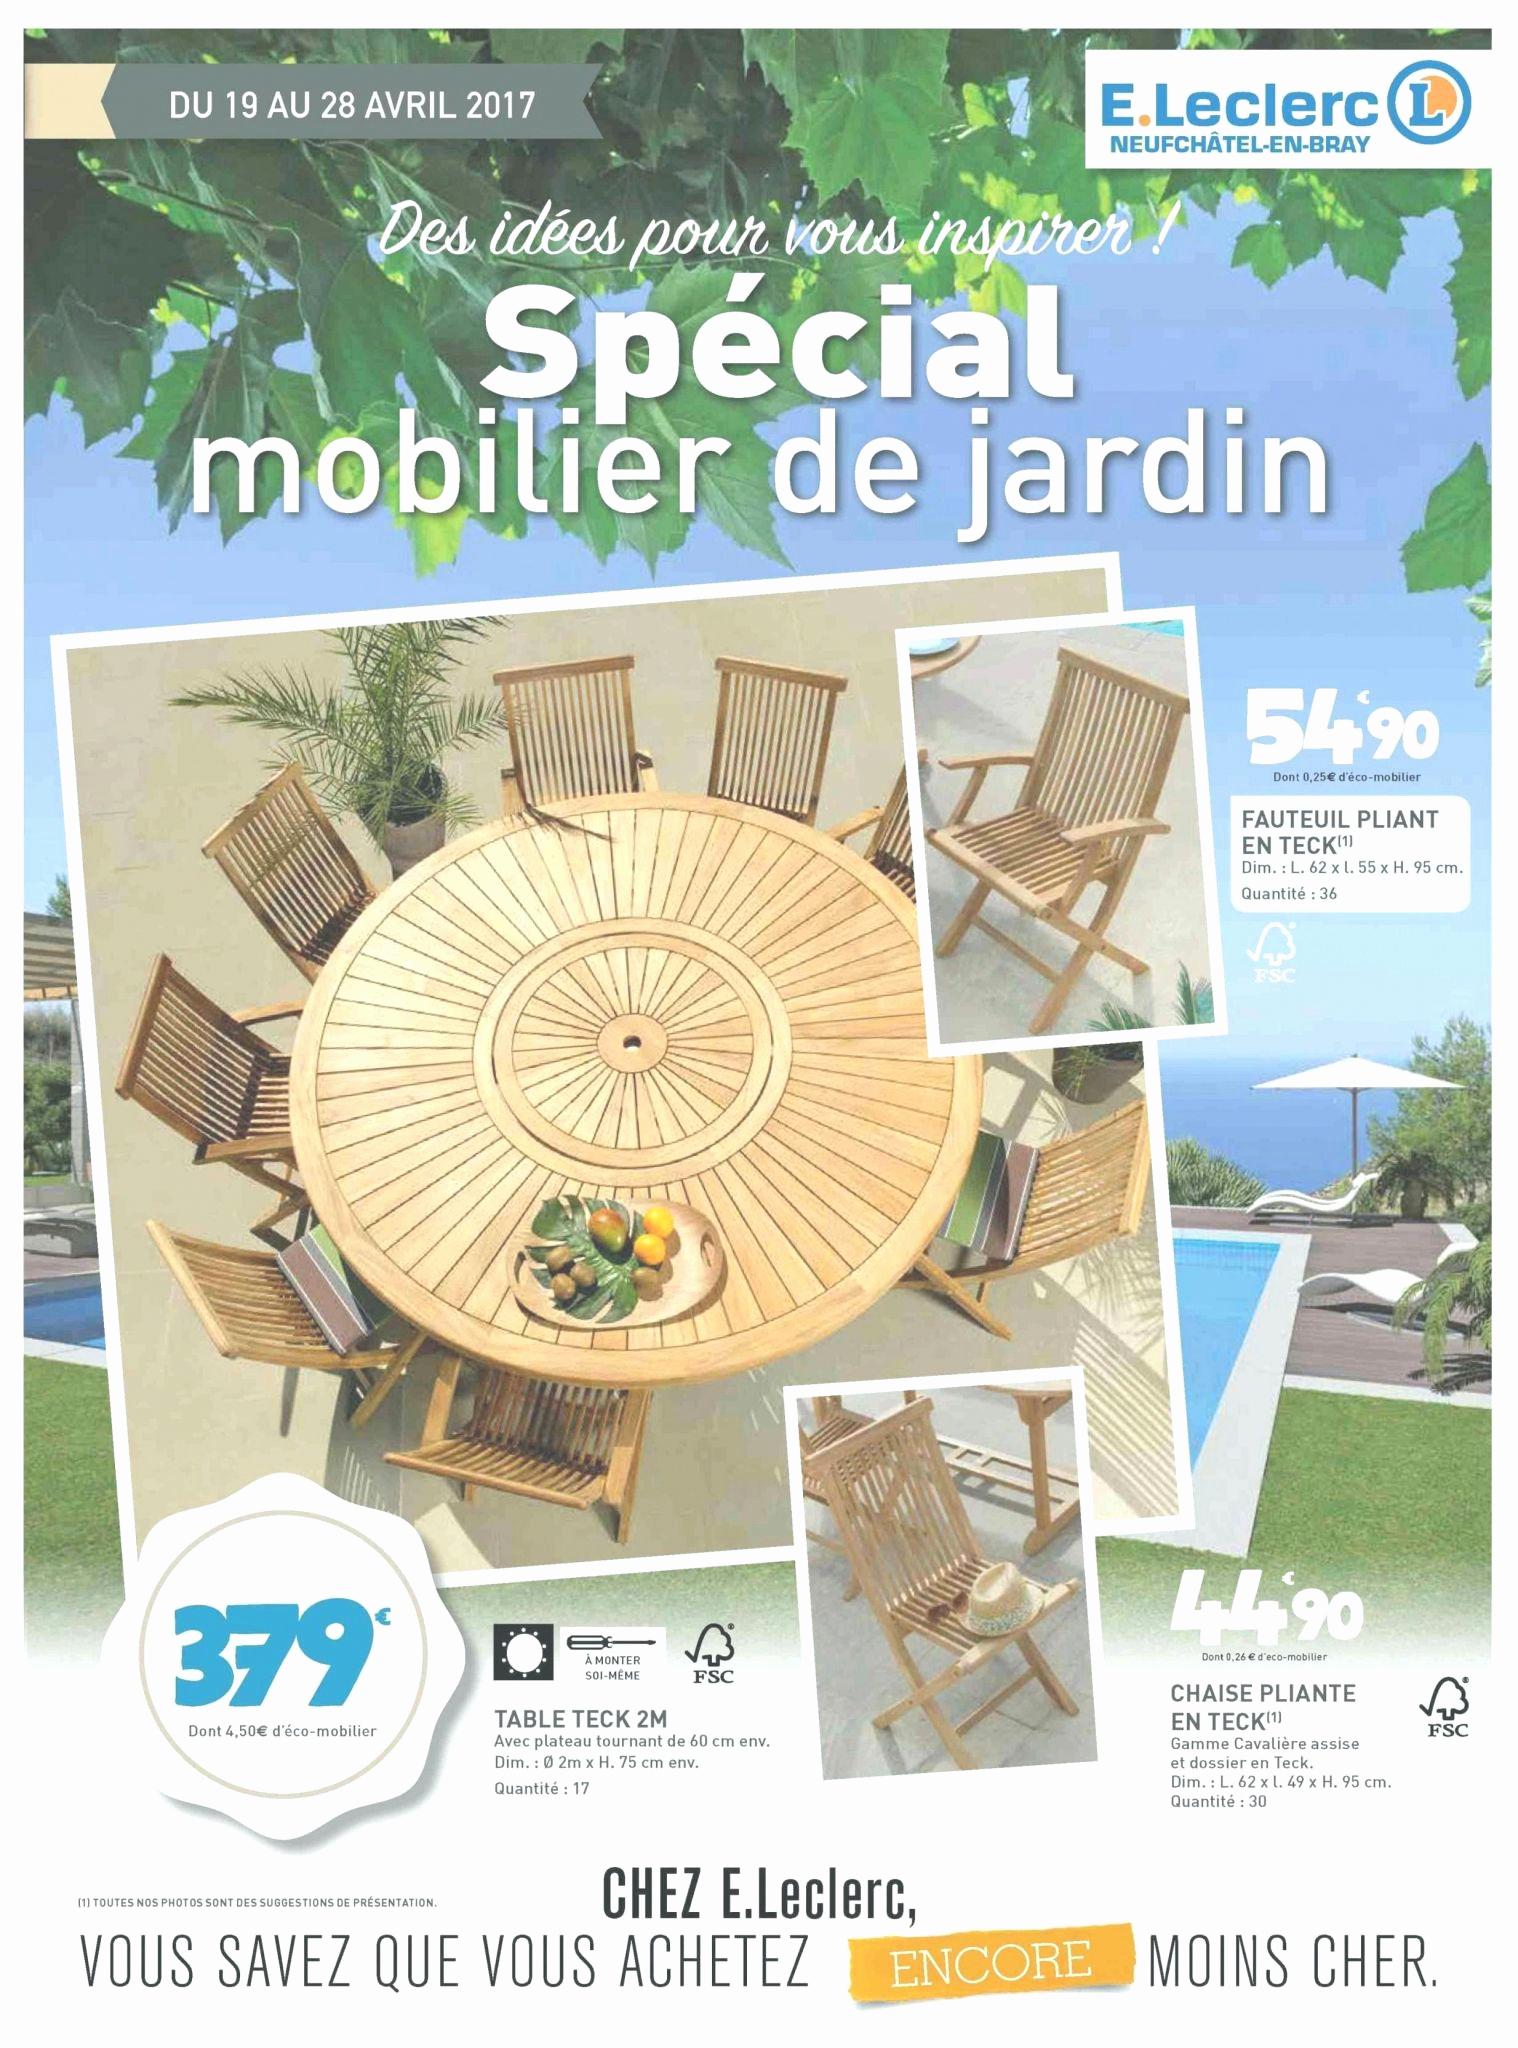 Bon Images De Salle A Manger Belgique Luxe Salon De Jardin ... avec Salon De Jardin Pas Cher Carrefour